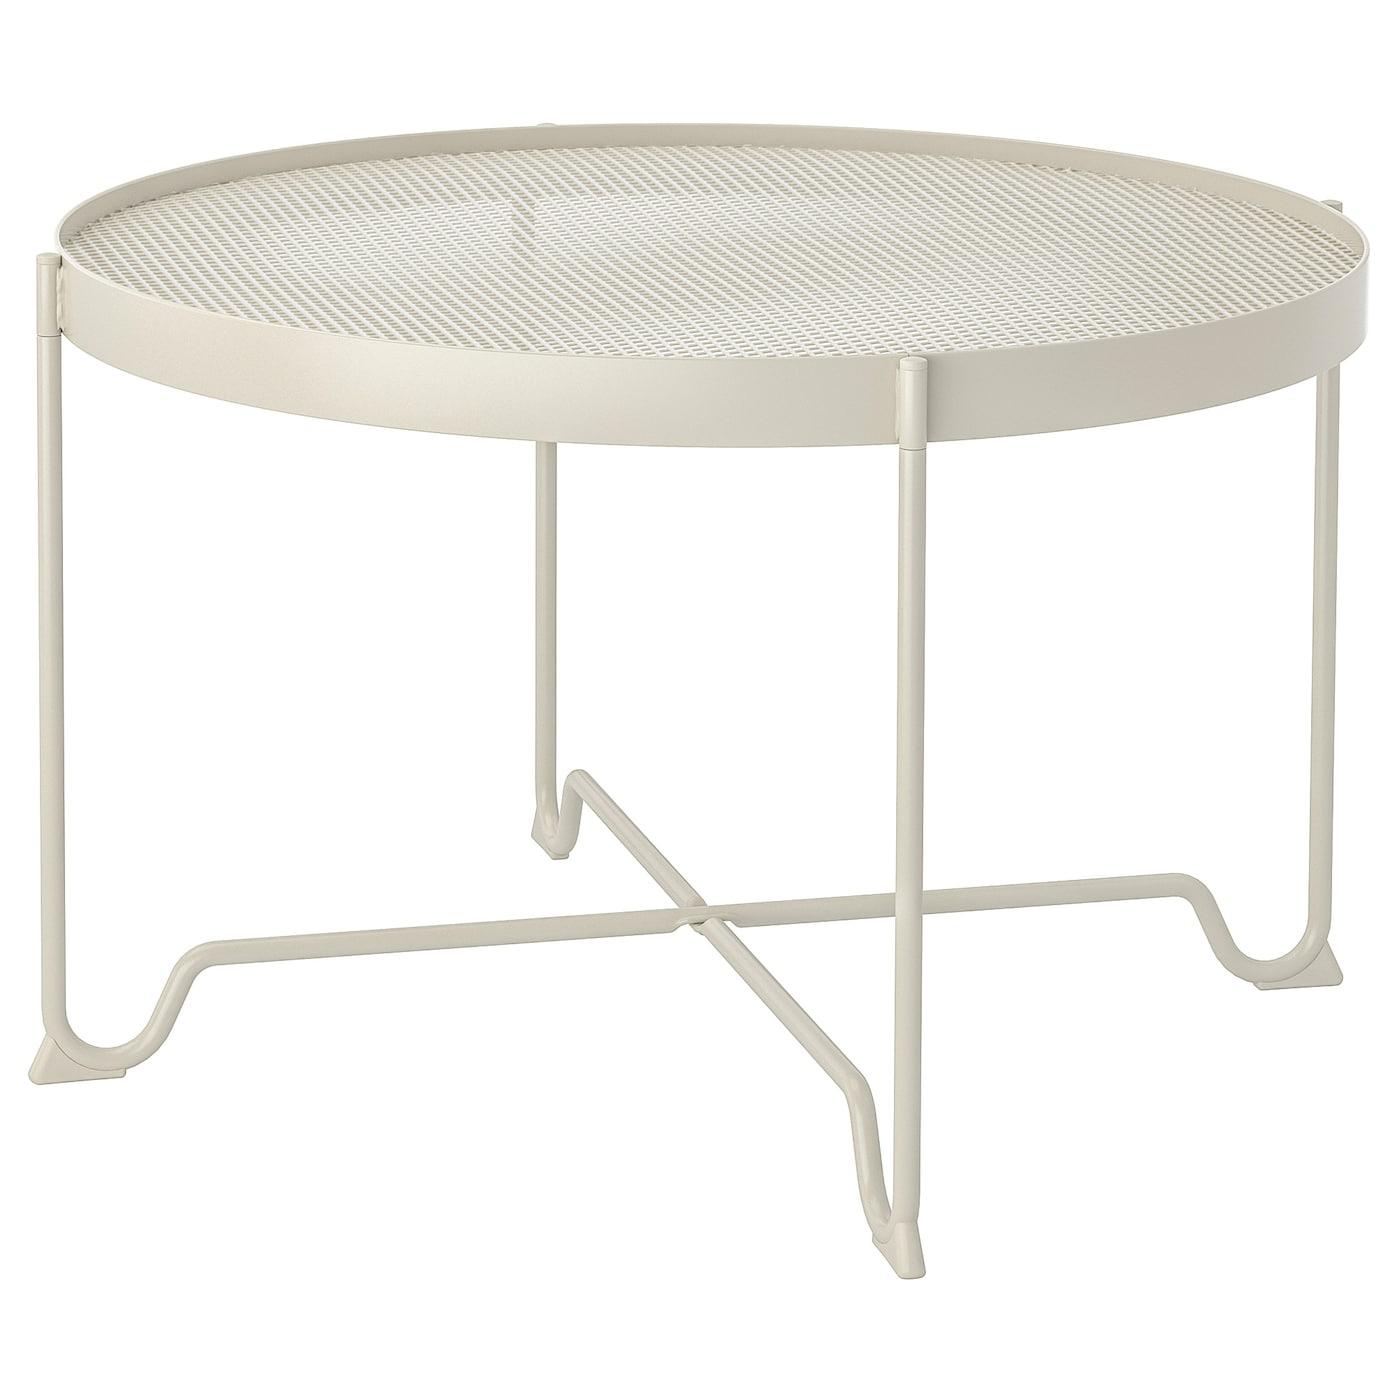 Krokholmen Table Basse, Extérieur - Beige destiné Table Jardin Plastique Ikea